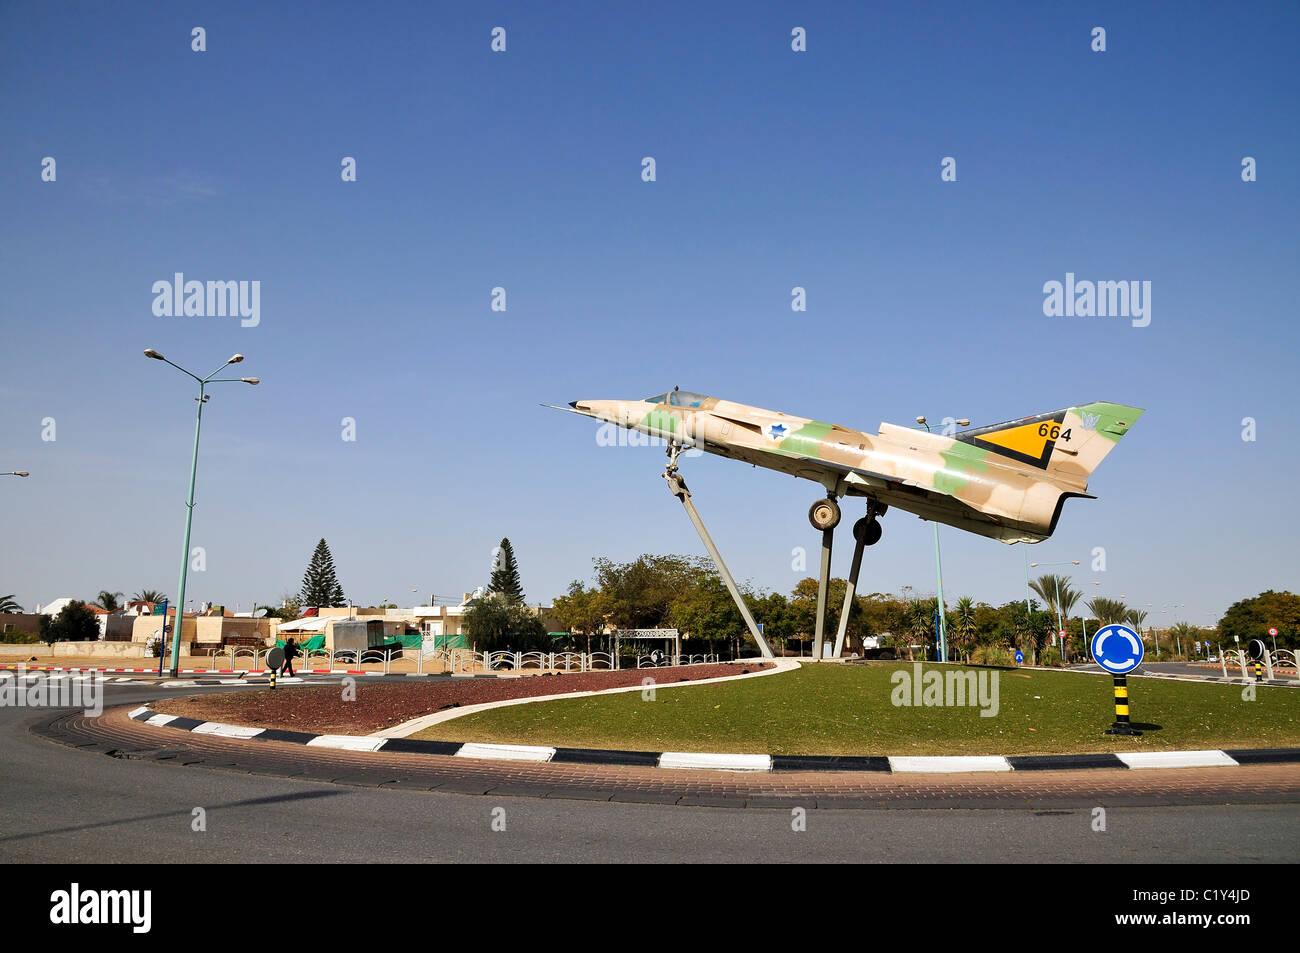 Beer Sheva, Israel eine israelische Kfir Kämpfer Flugzeug auf einen Kreisverkehr in der Stadt gemacht Stockbild